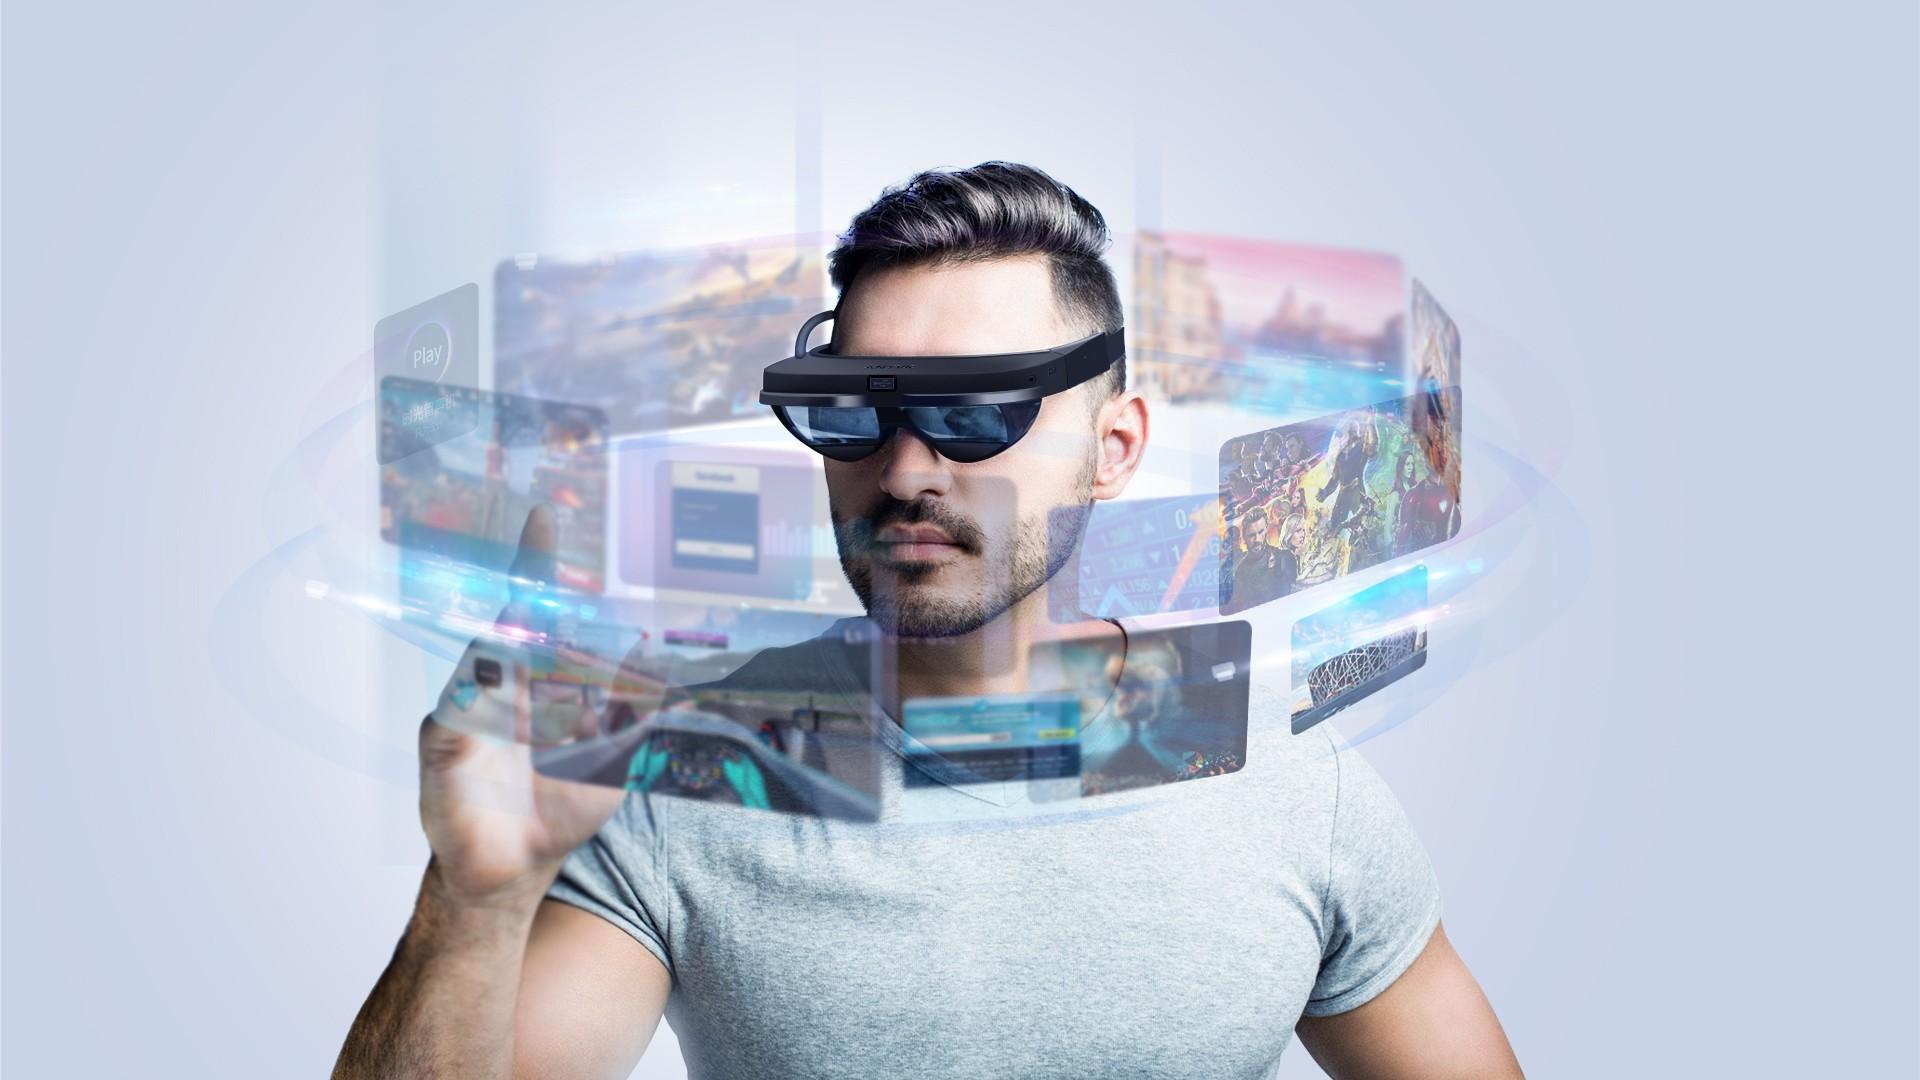 MIX станут самыми лёгкими очками виртуальной реальности